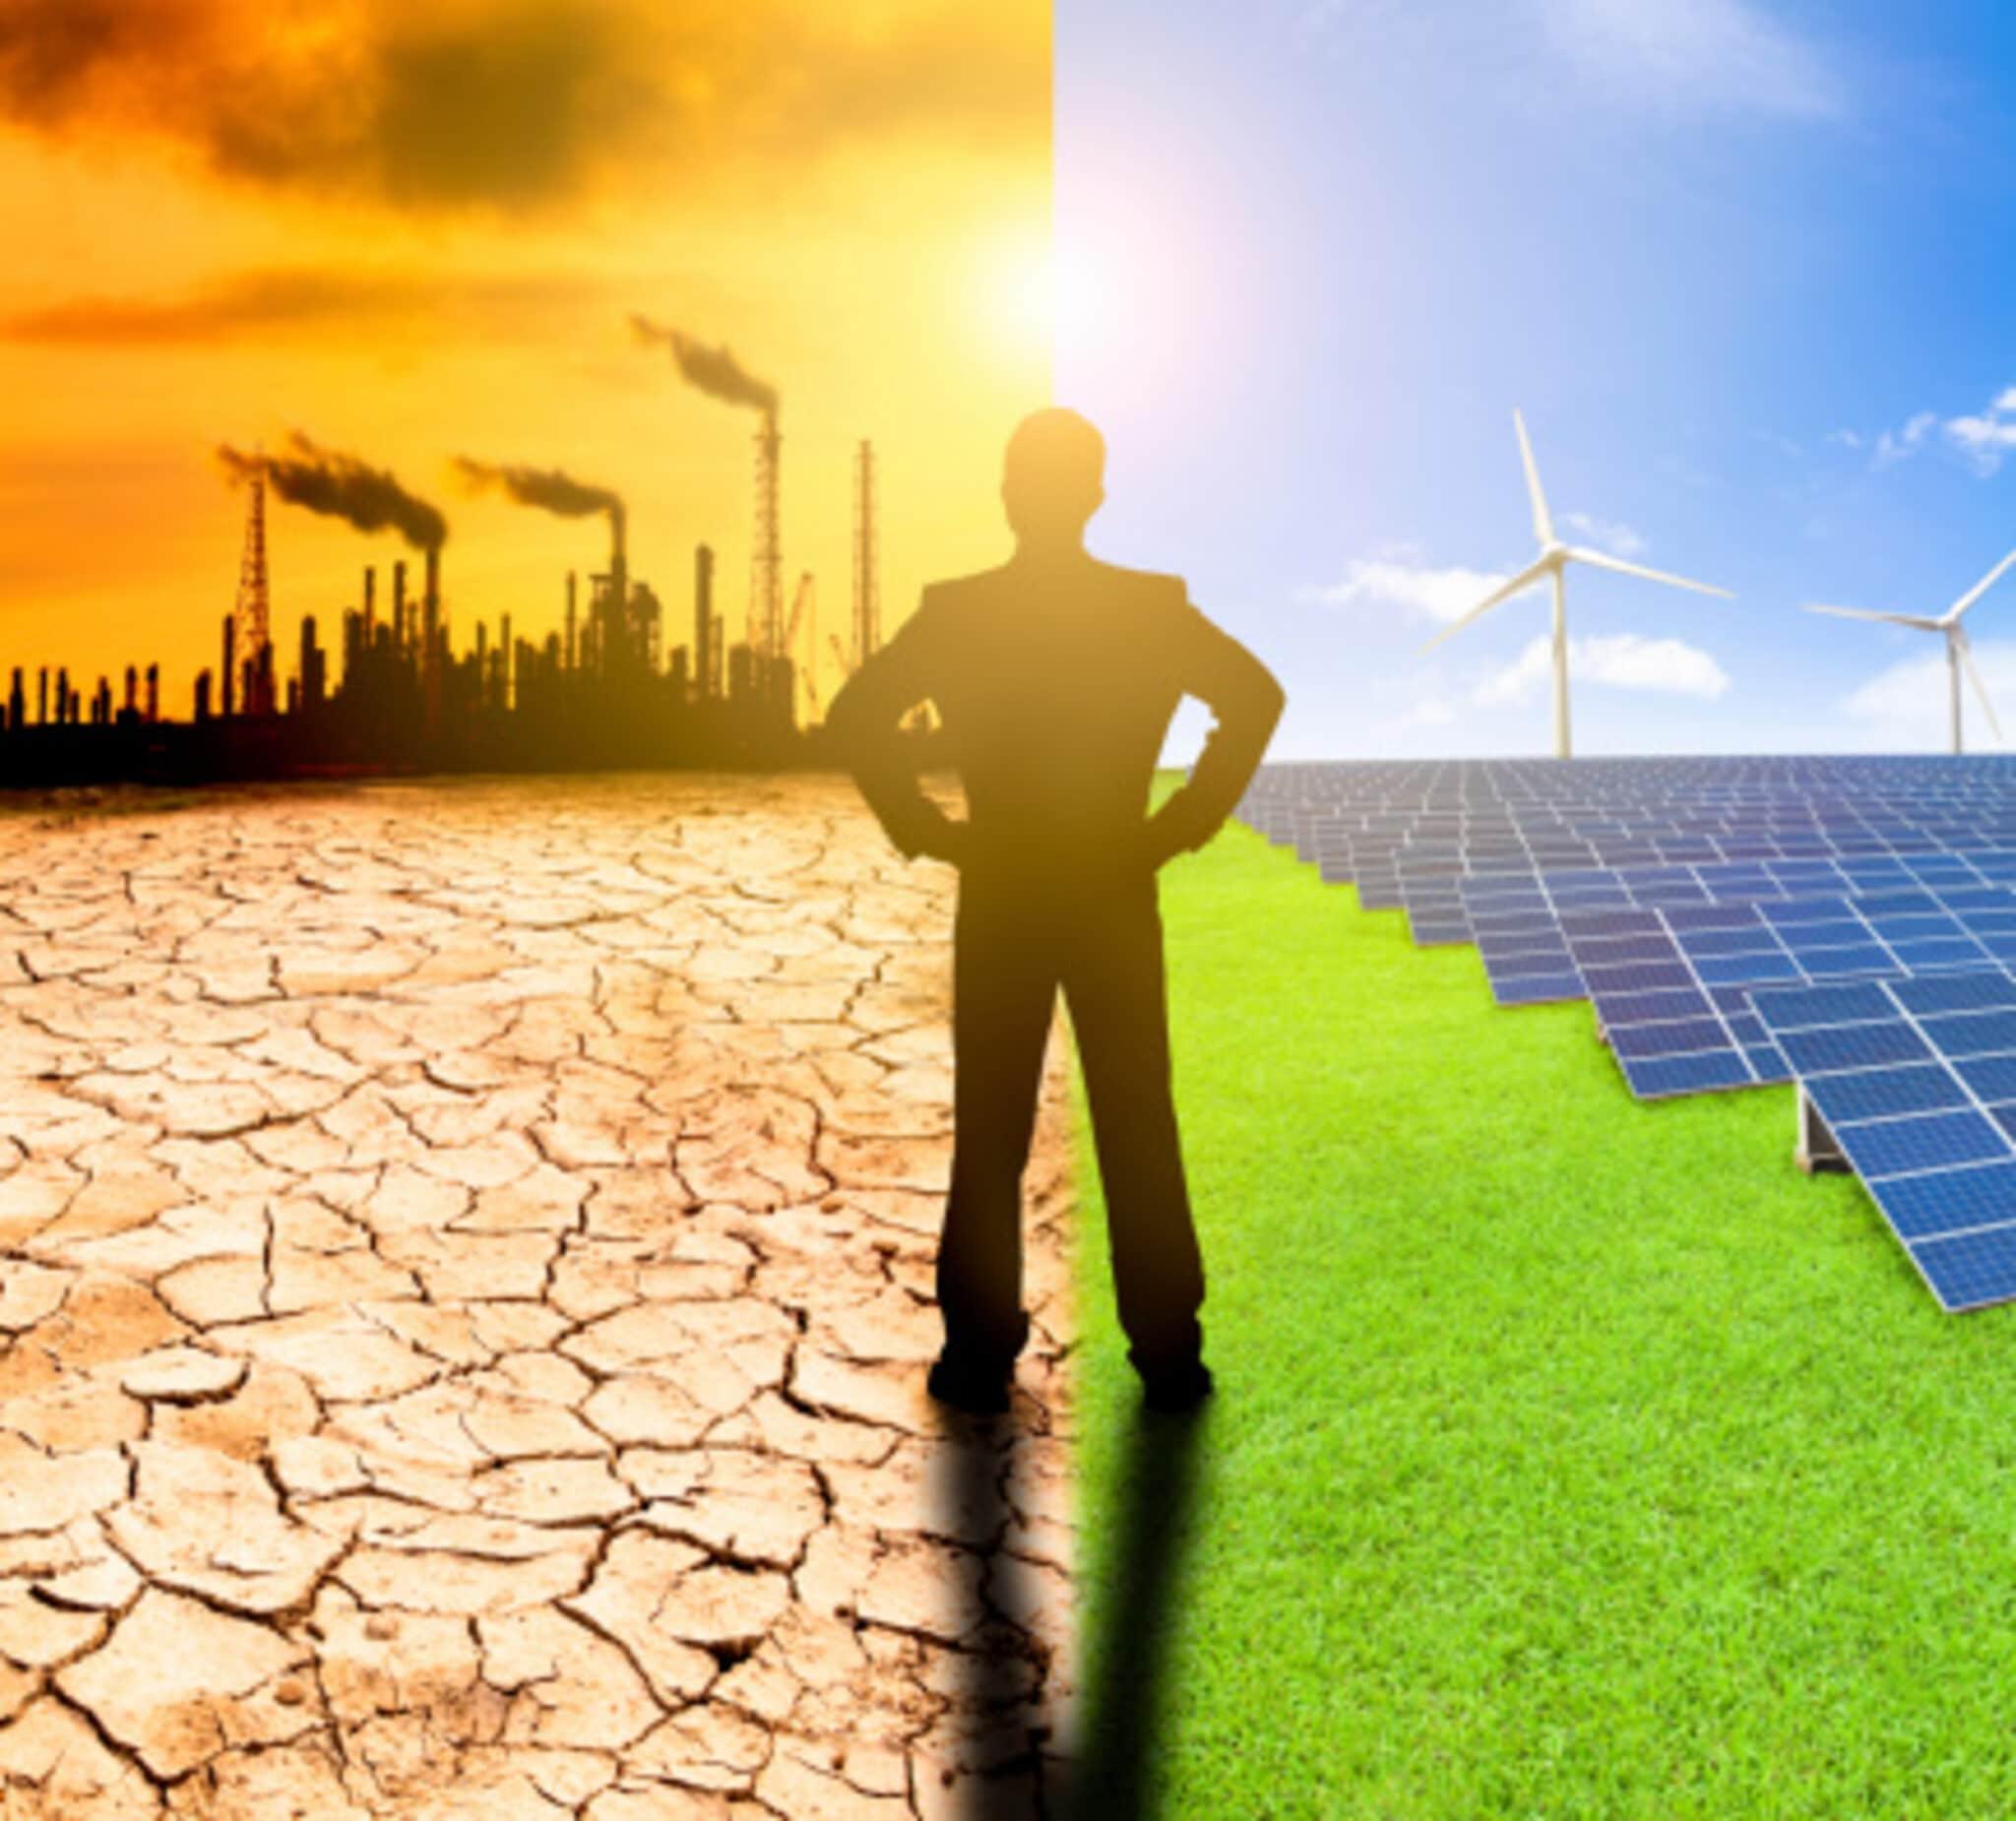 transizione, 2050, IEA, economia, rapporto, guida, rinnovabile, energia pulita, emissioni, obiettivi, cambiamento, domanda, combustibili fossili, opportunità, incentivi, efficienza, impatto , Energy Close-up Engineering